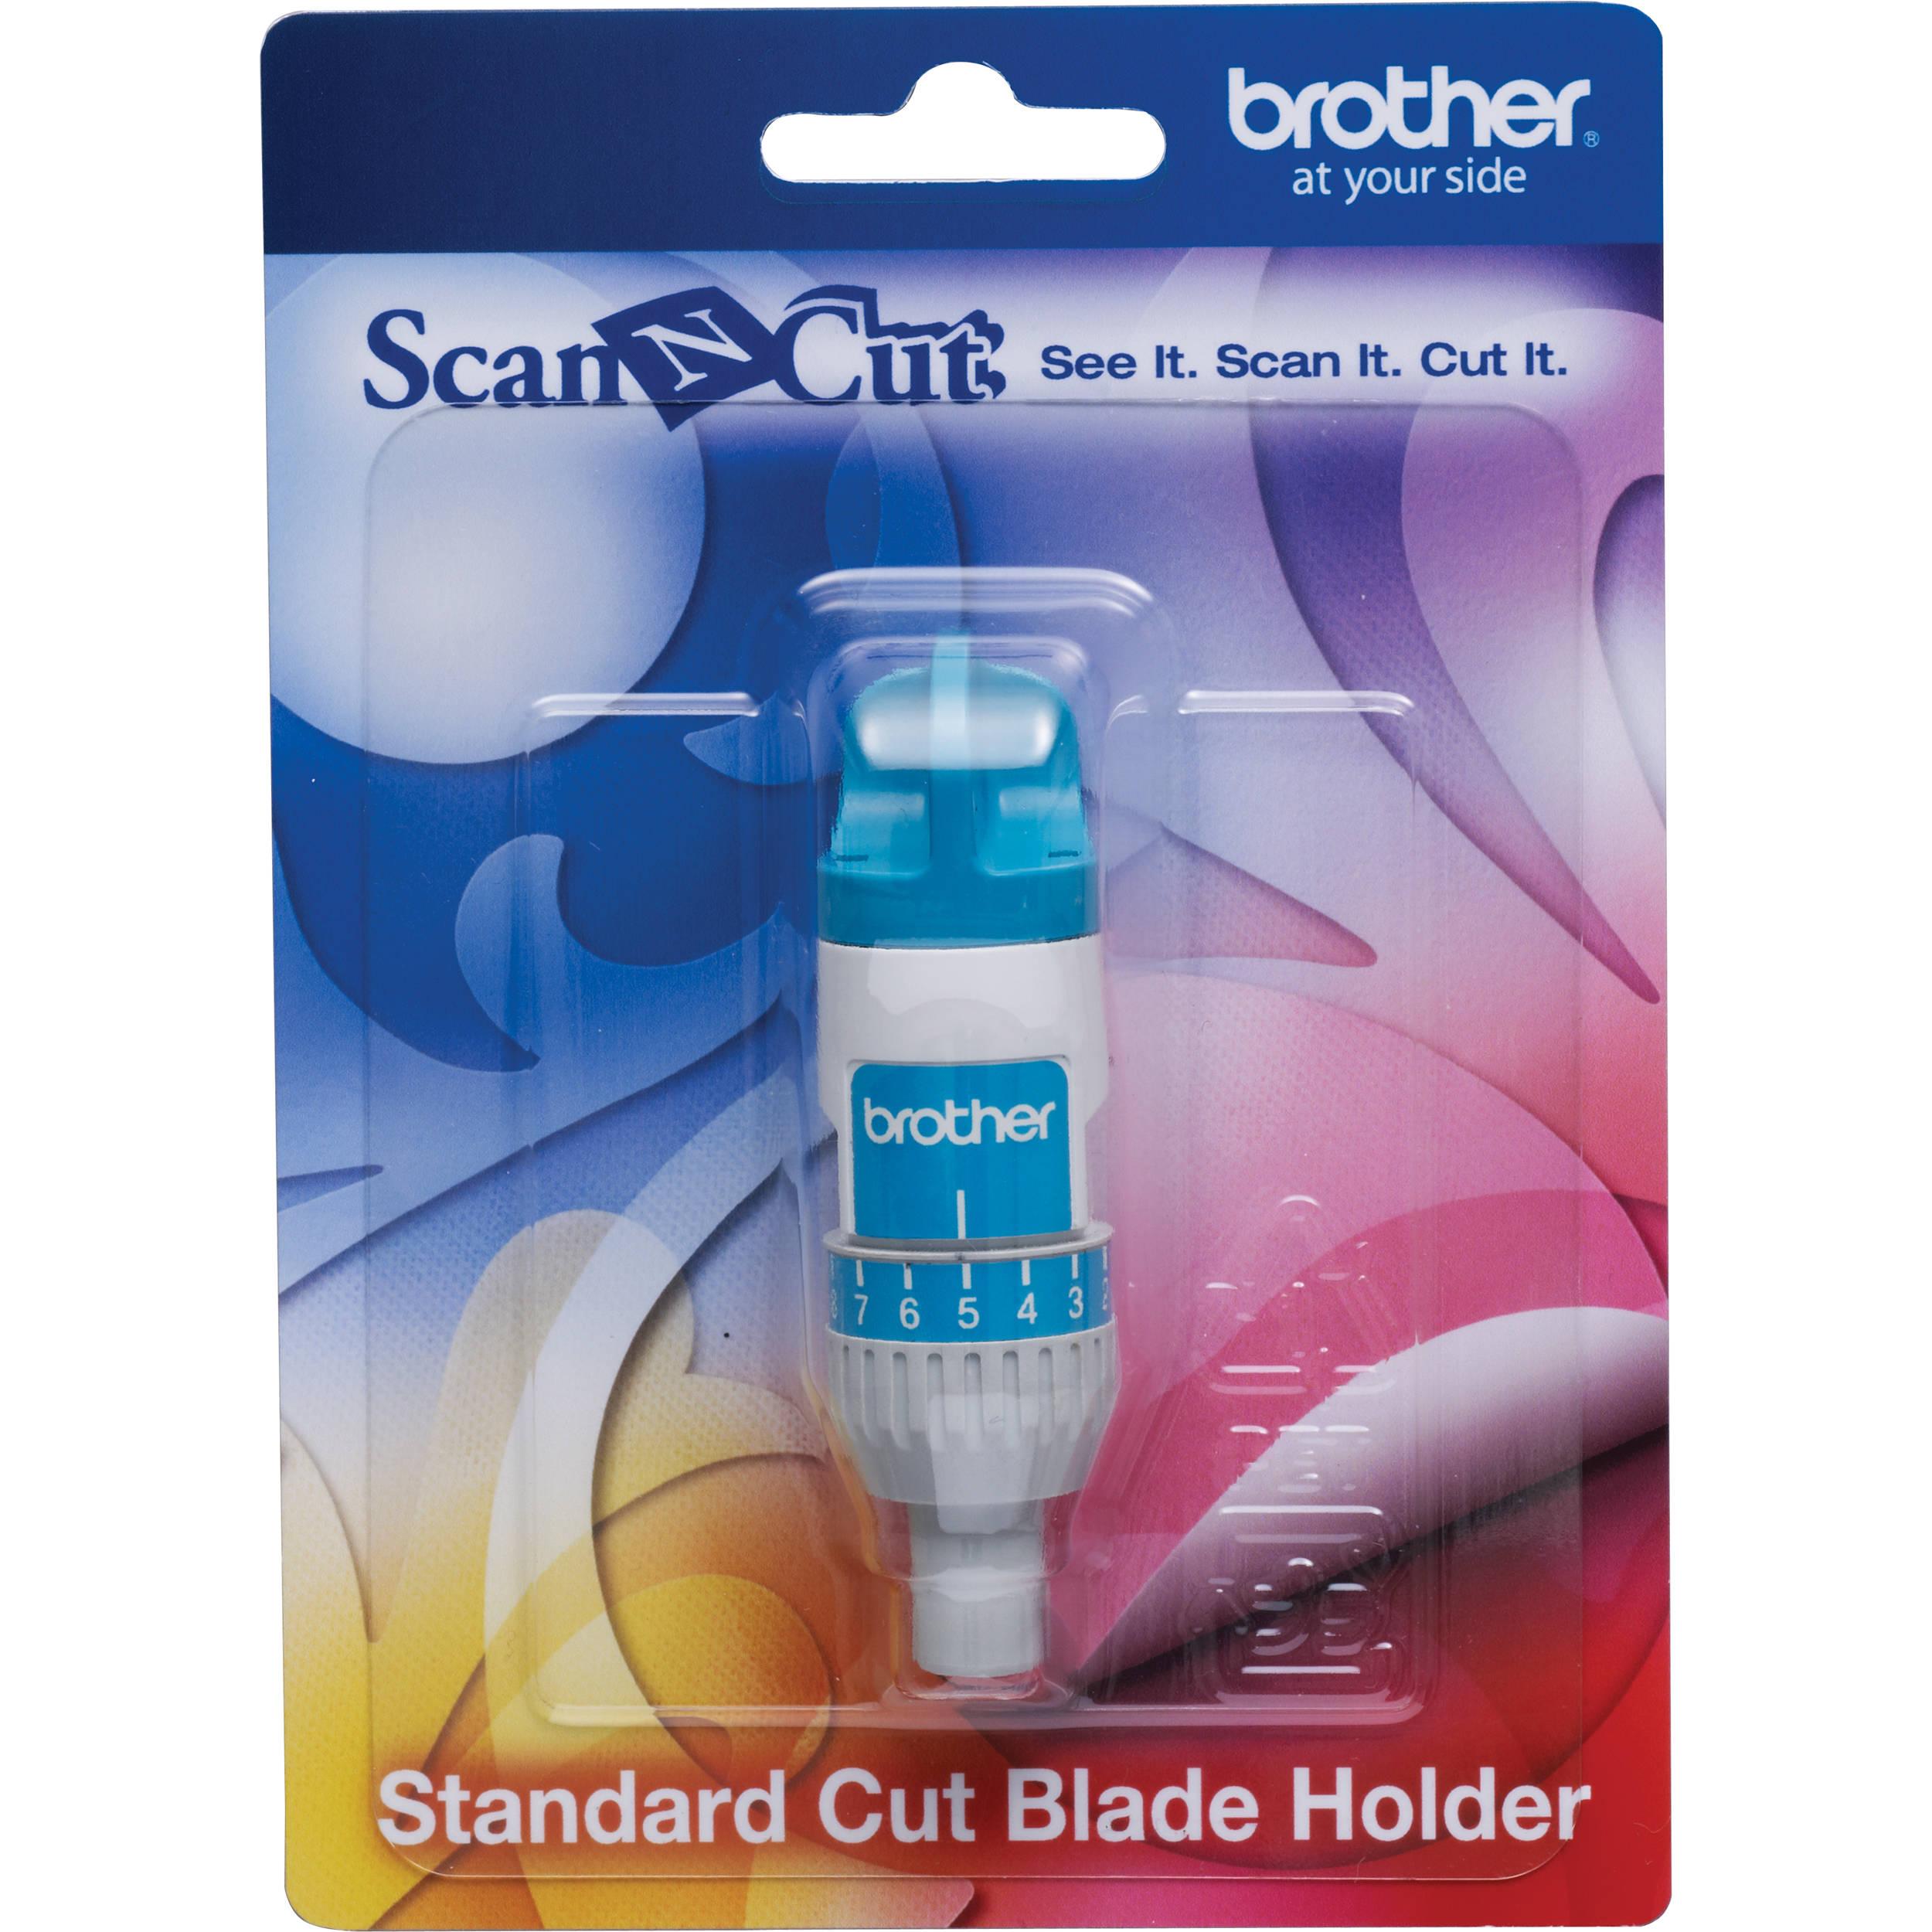 Accesorio para introducir la cuchilla de corte estánar de la herramienta de corte ScanNCut.